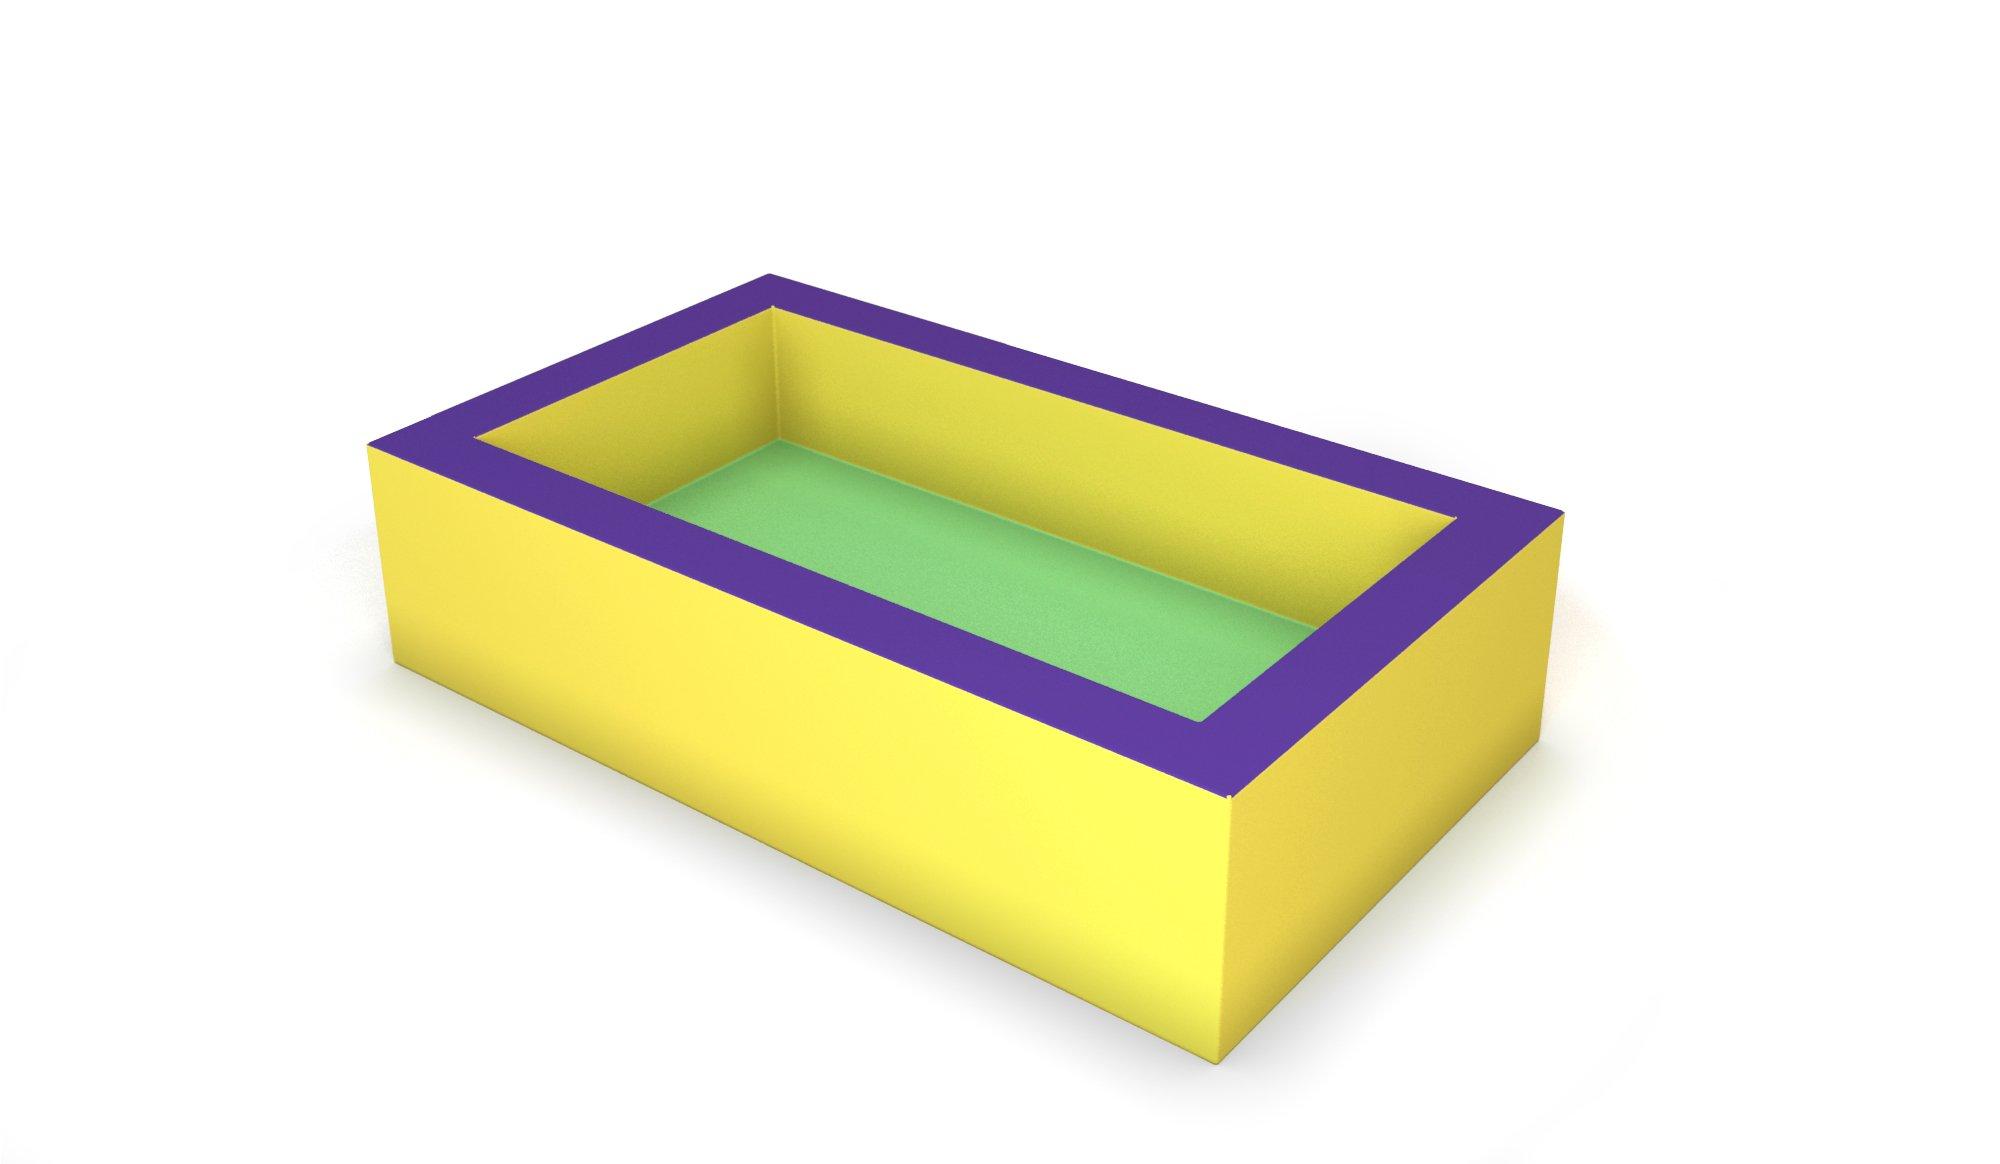 lit de mousse meuble de salon contemporain. Black Bedroom Furniture Sets. Home Design Ideas